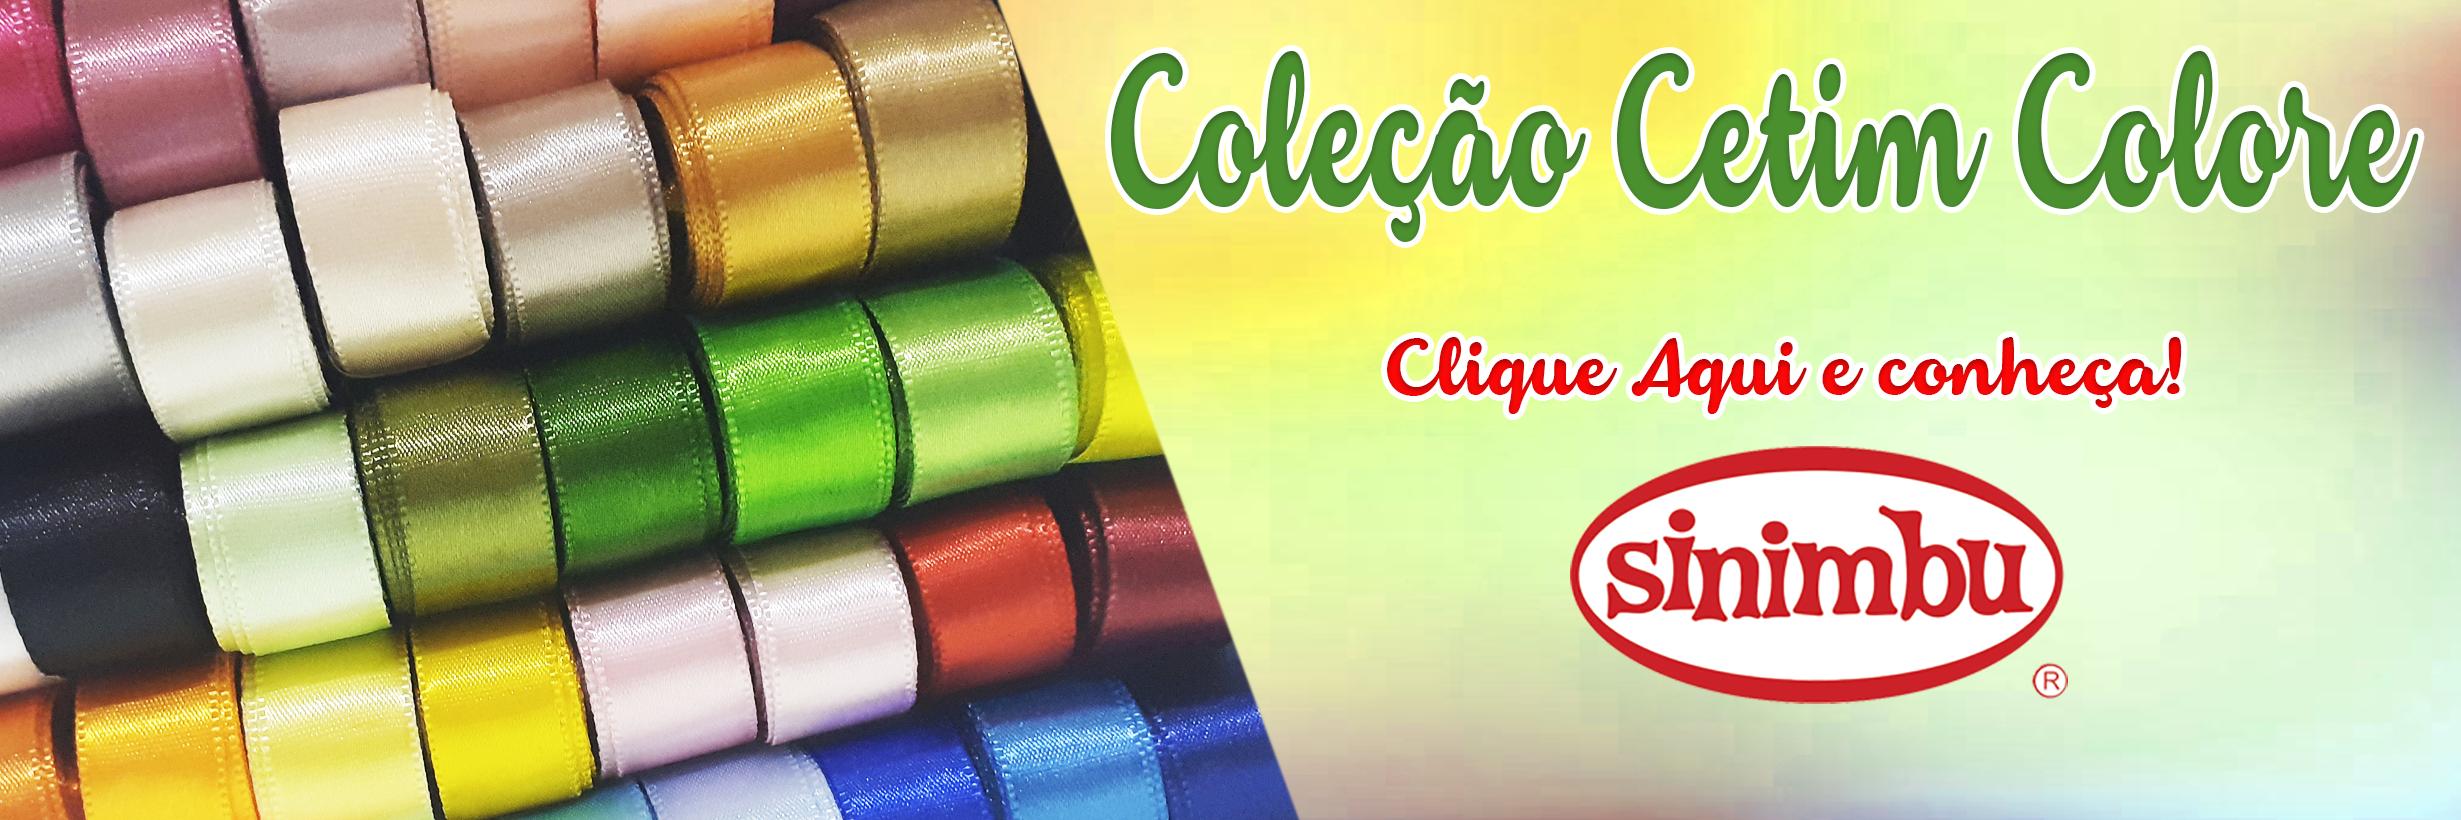 Coleção Cetim Colore